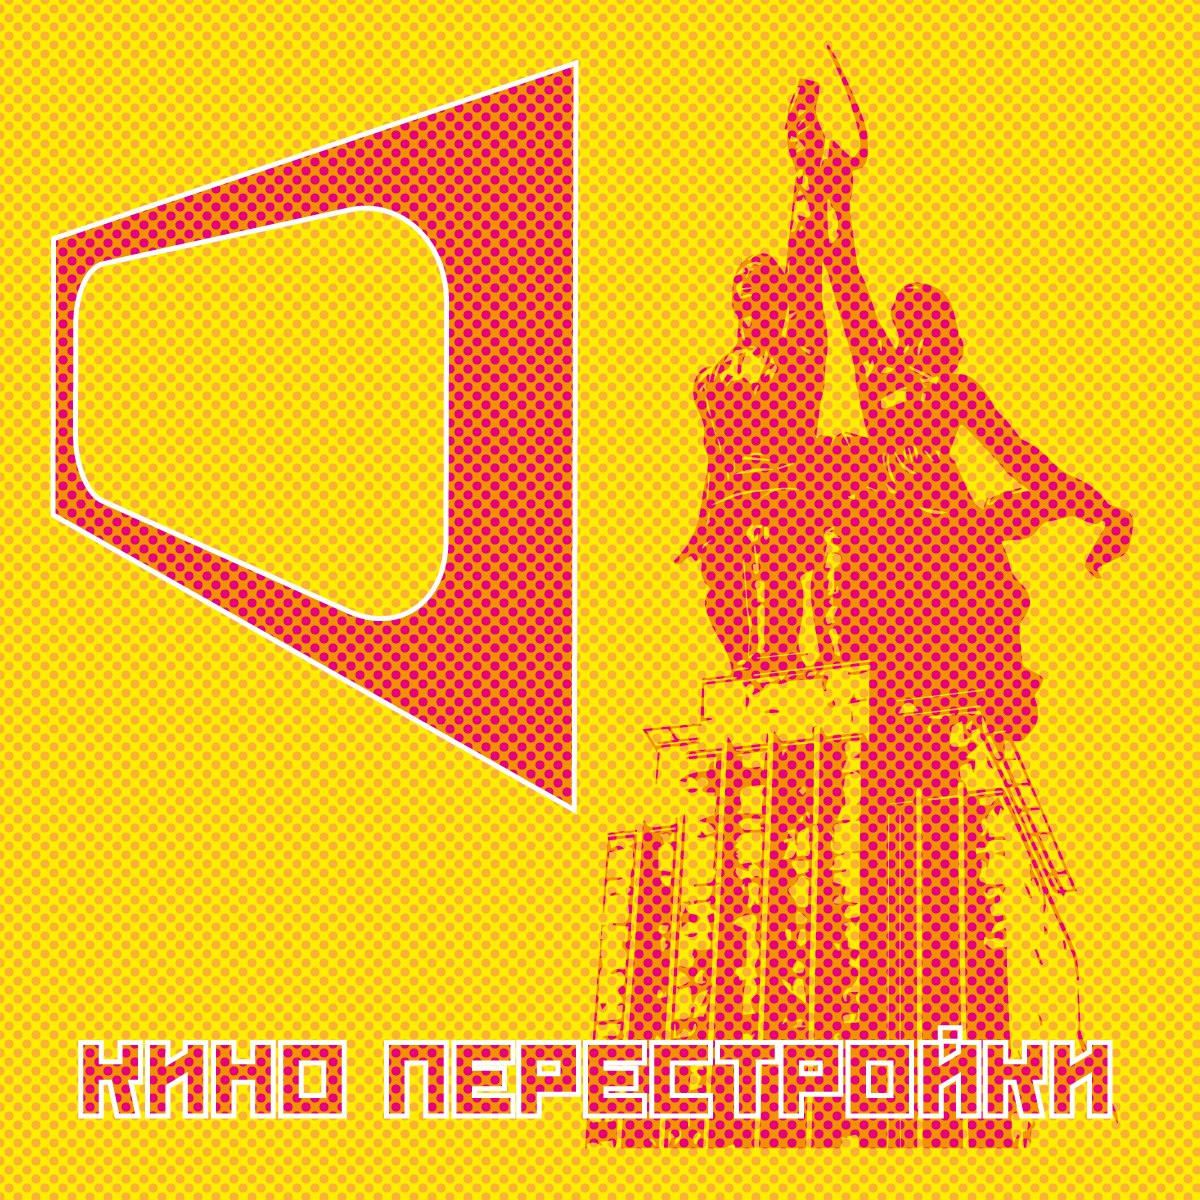 Сообщество Кино Перестройки ВК